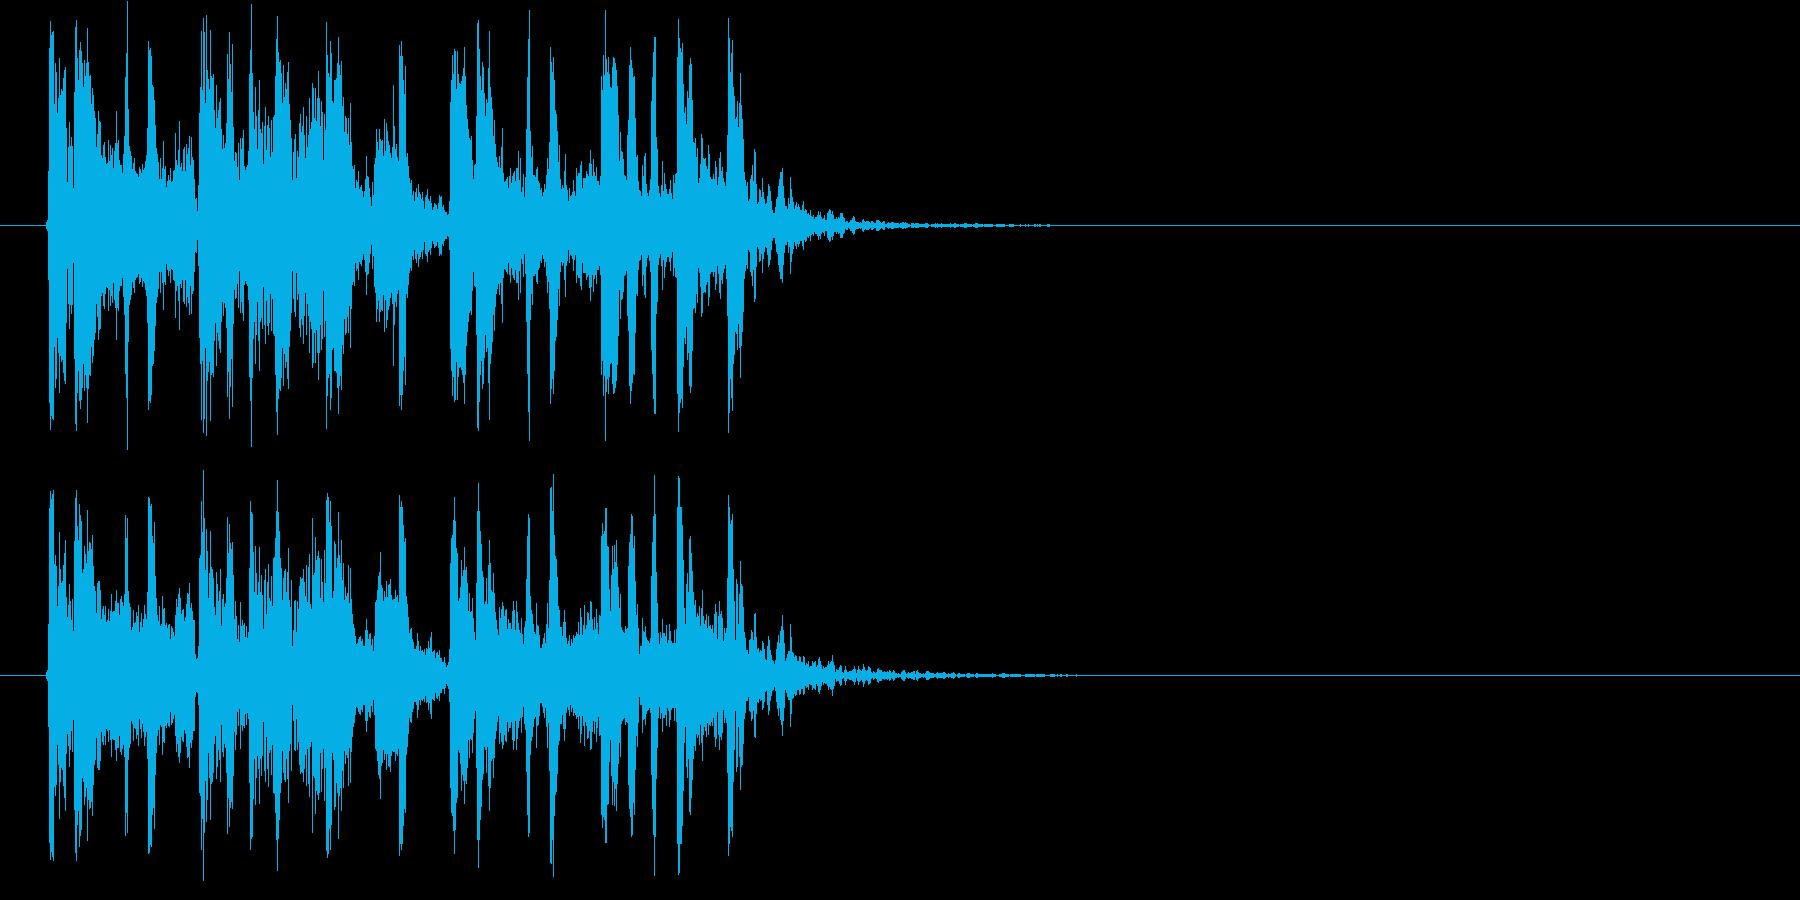 クールなテクノ調のジングル、サウンドロゴの再生済みの波形